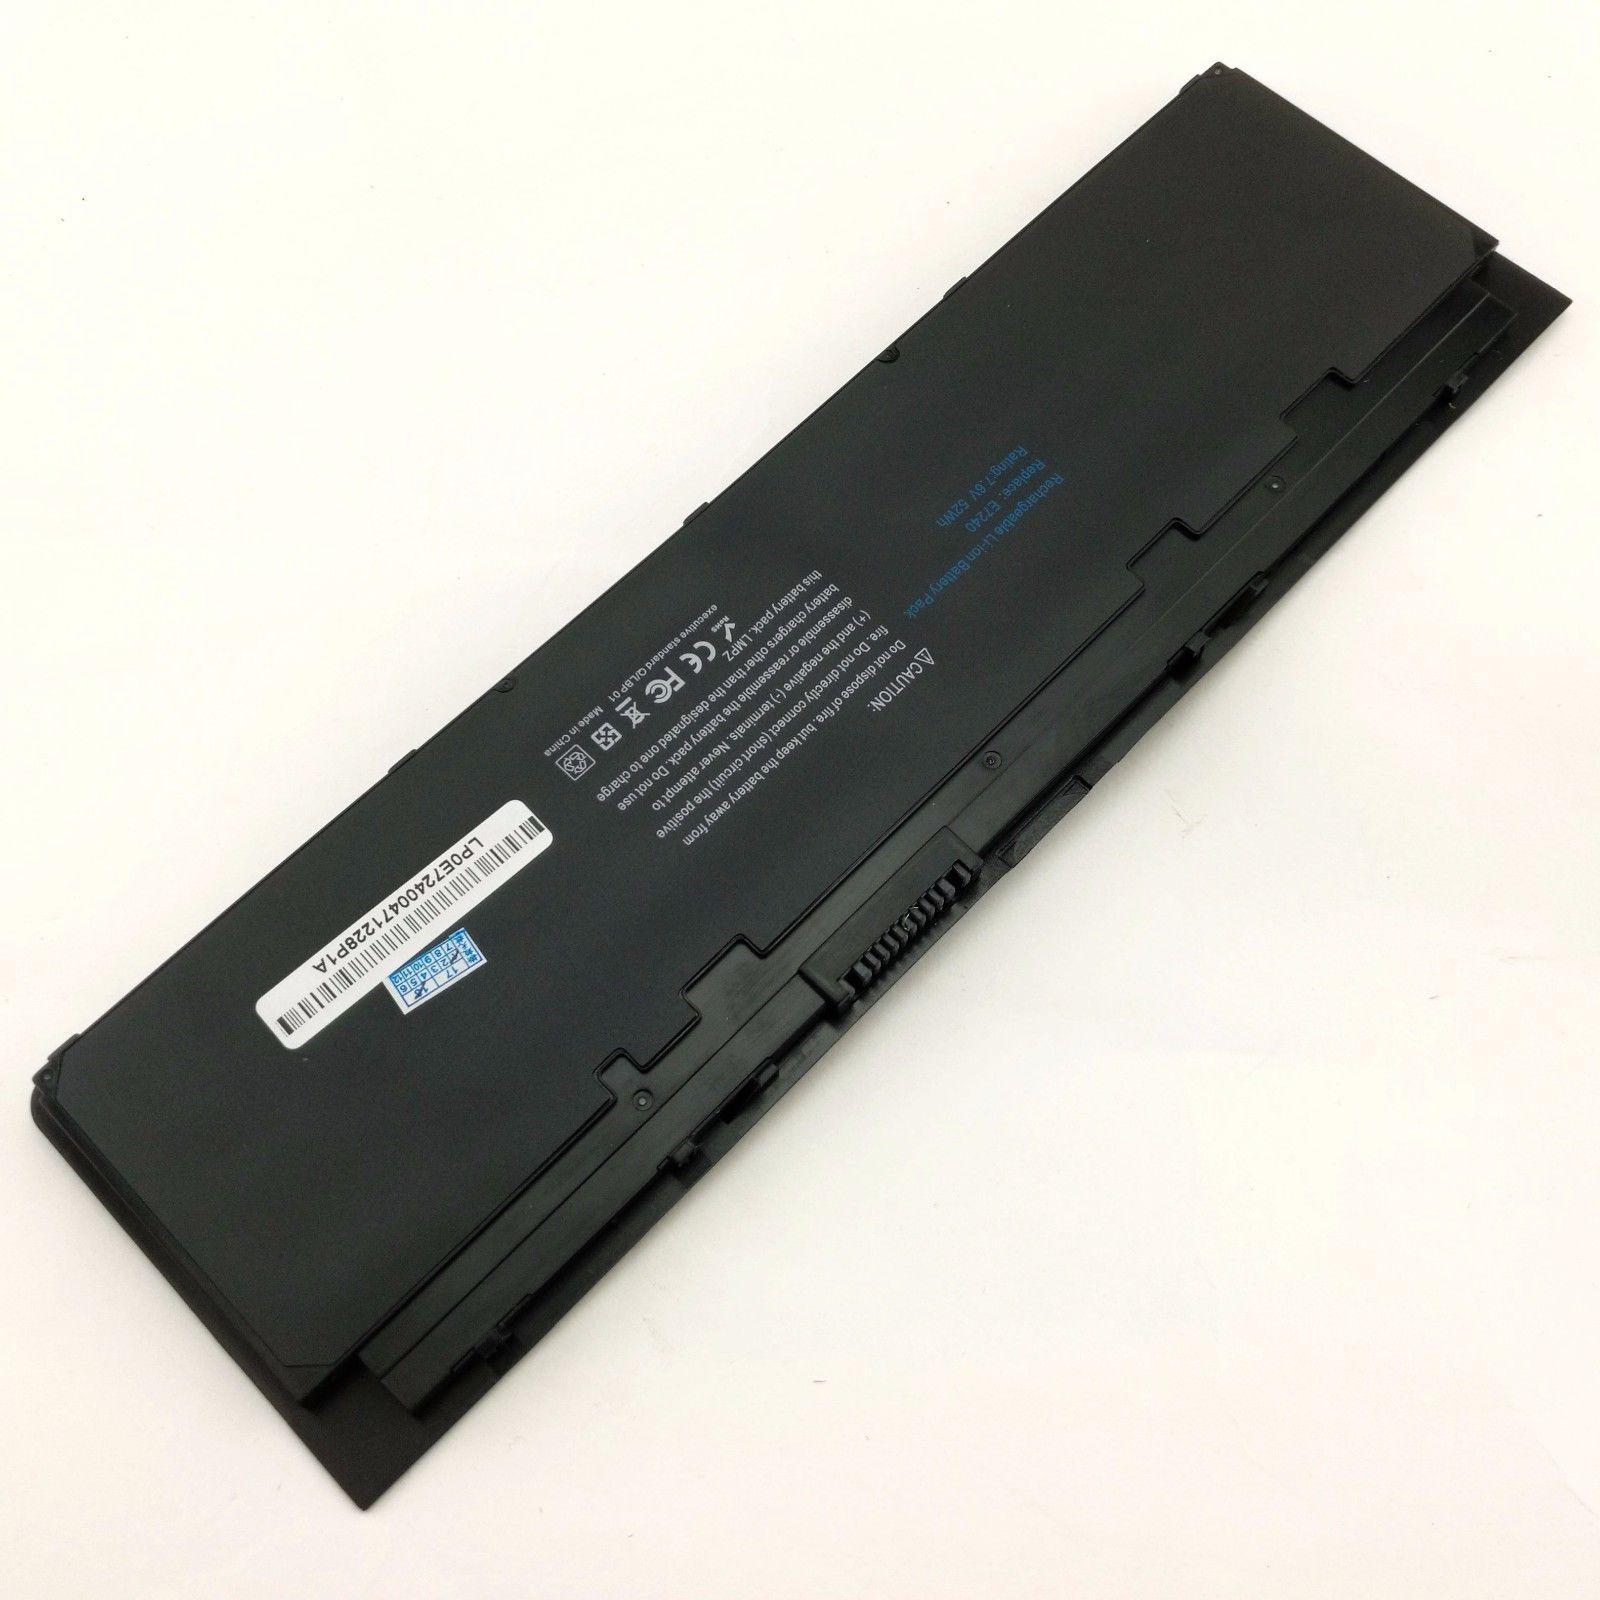 Akku für 7.6V Dell Latitude 12 E7240 GVD76 HJ8KP NCVF0 WD52H KWFFN J31N7(Ersatz)